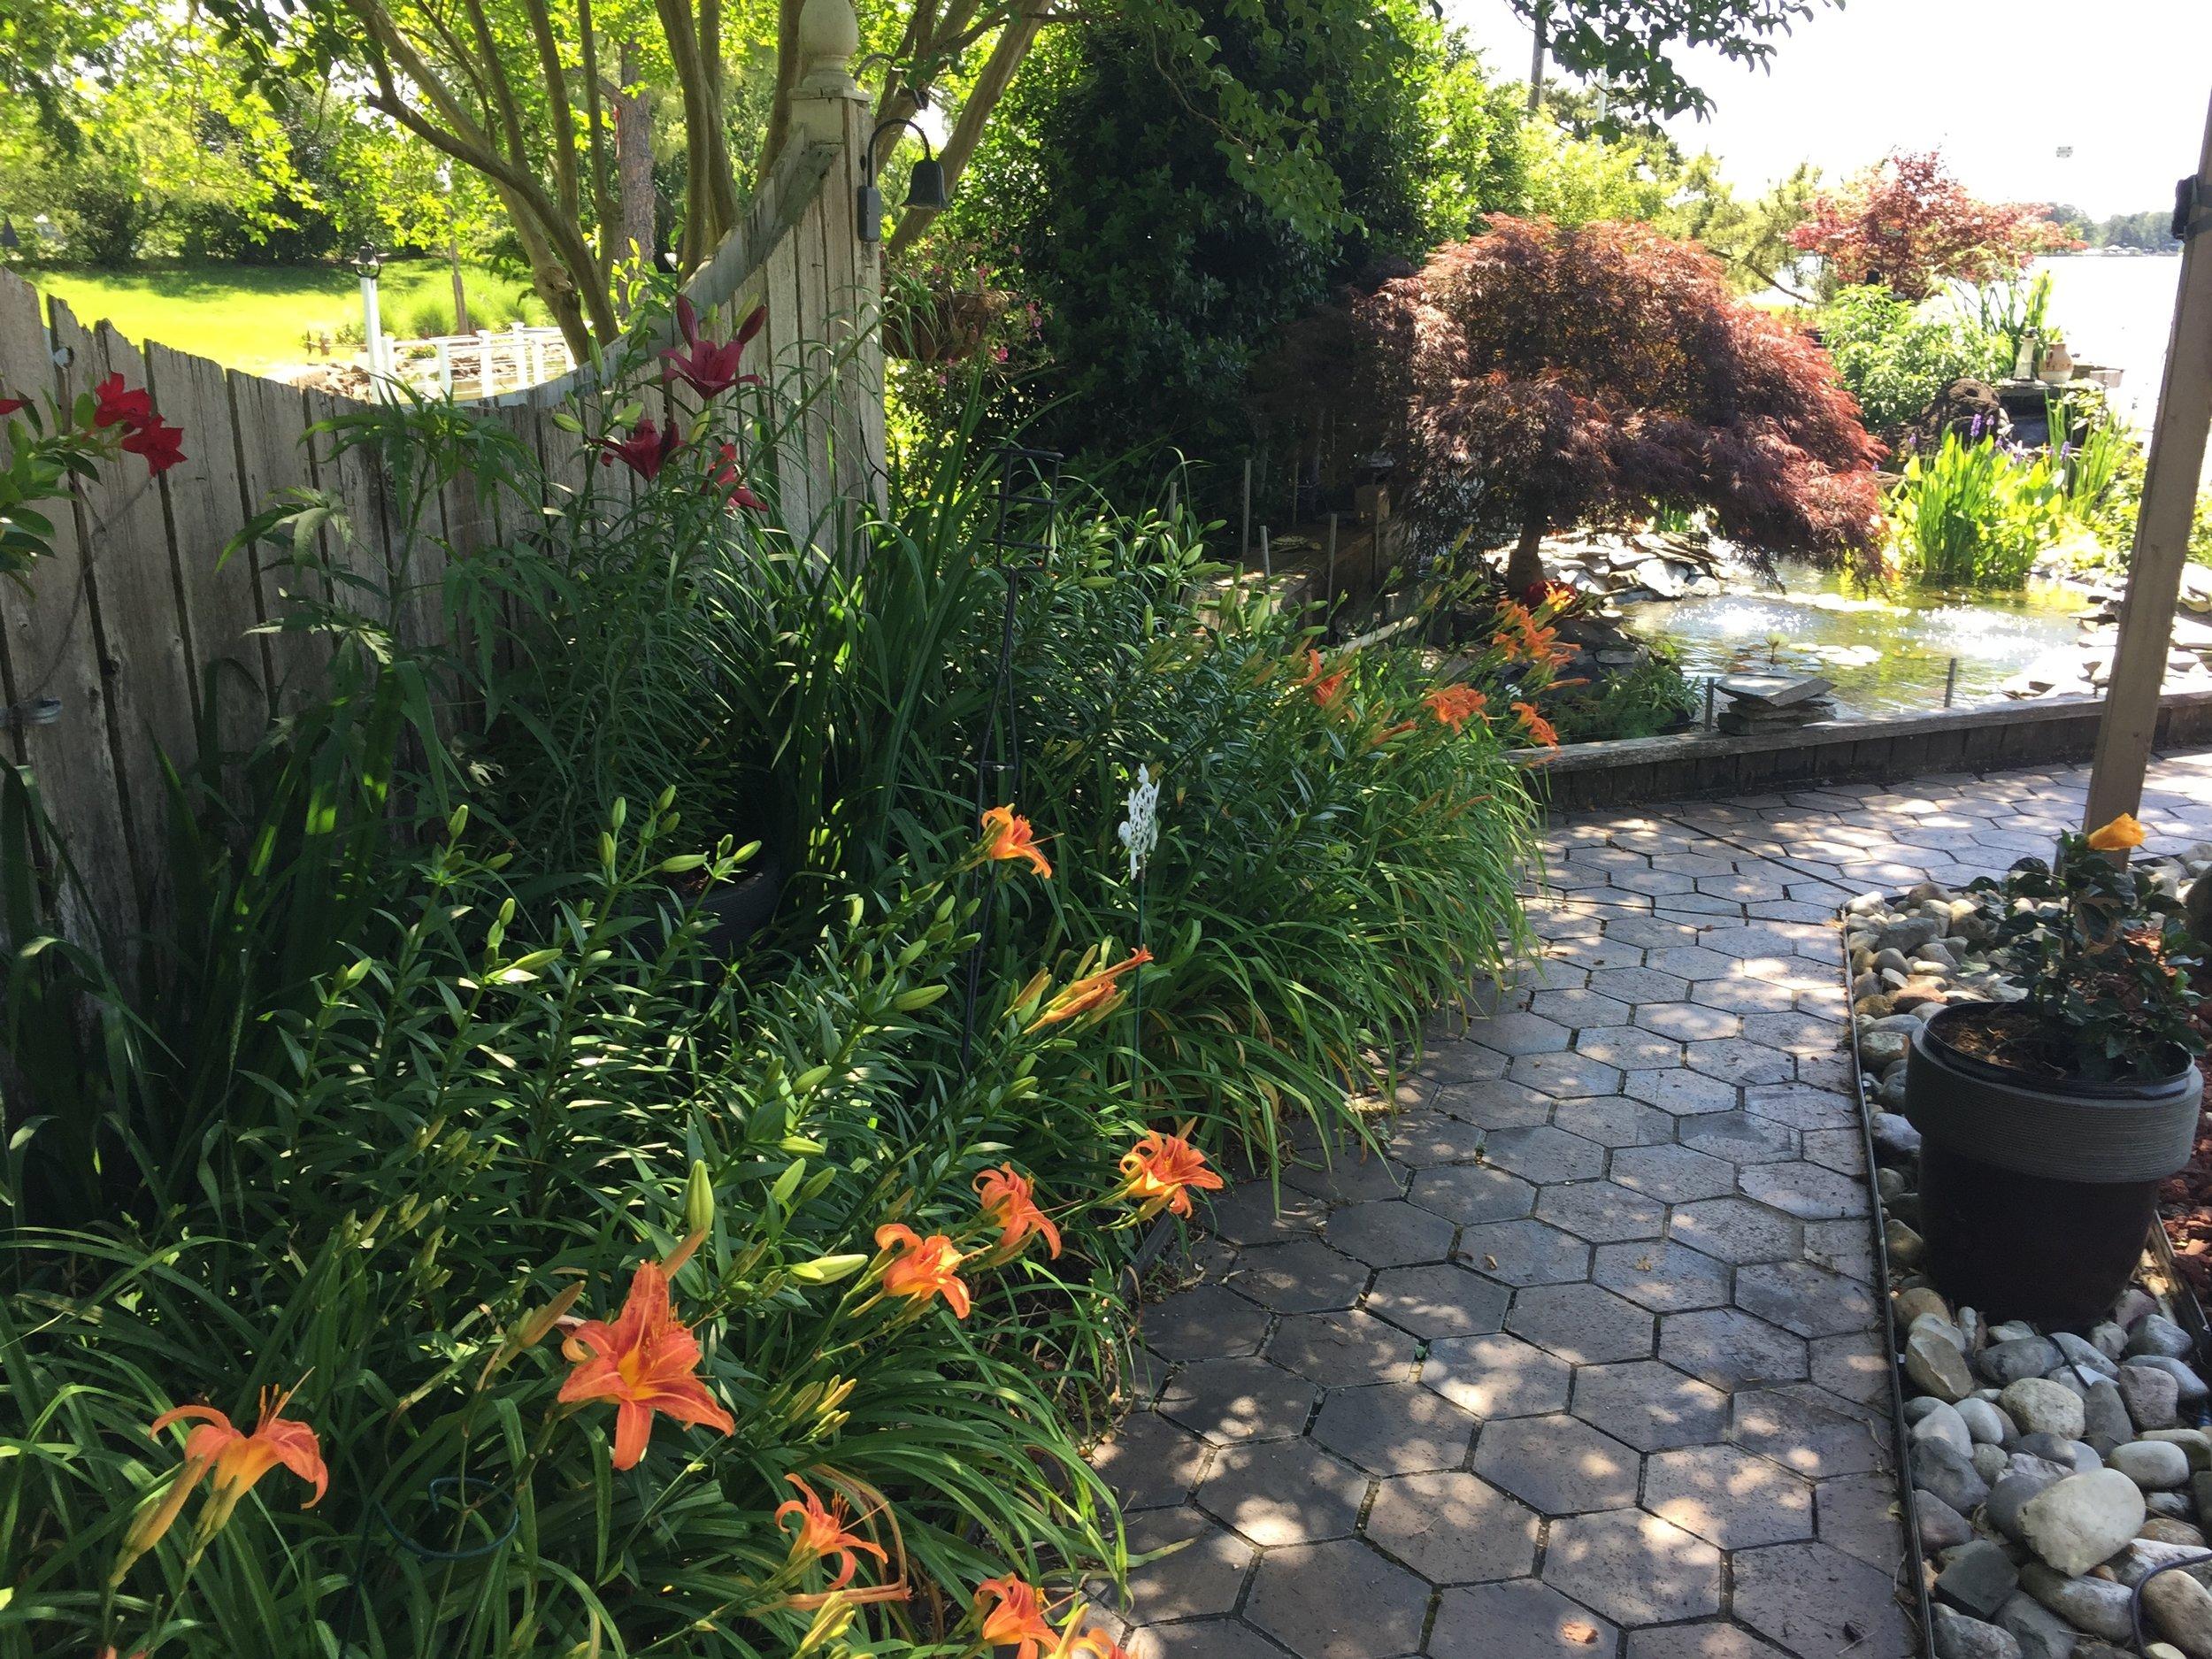 Kirsch Garden